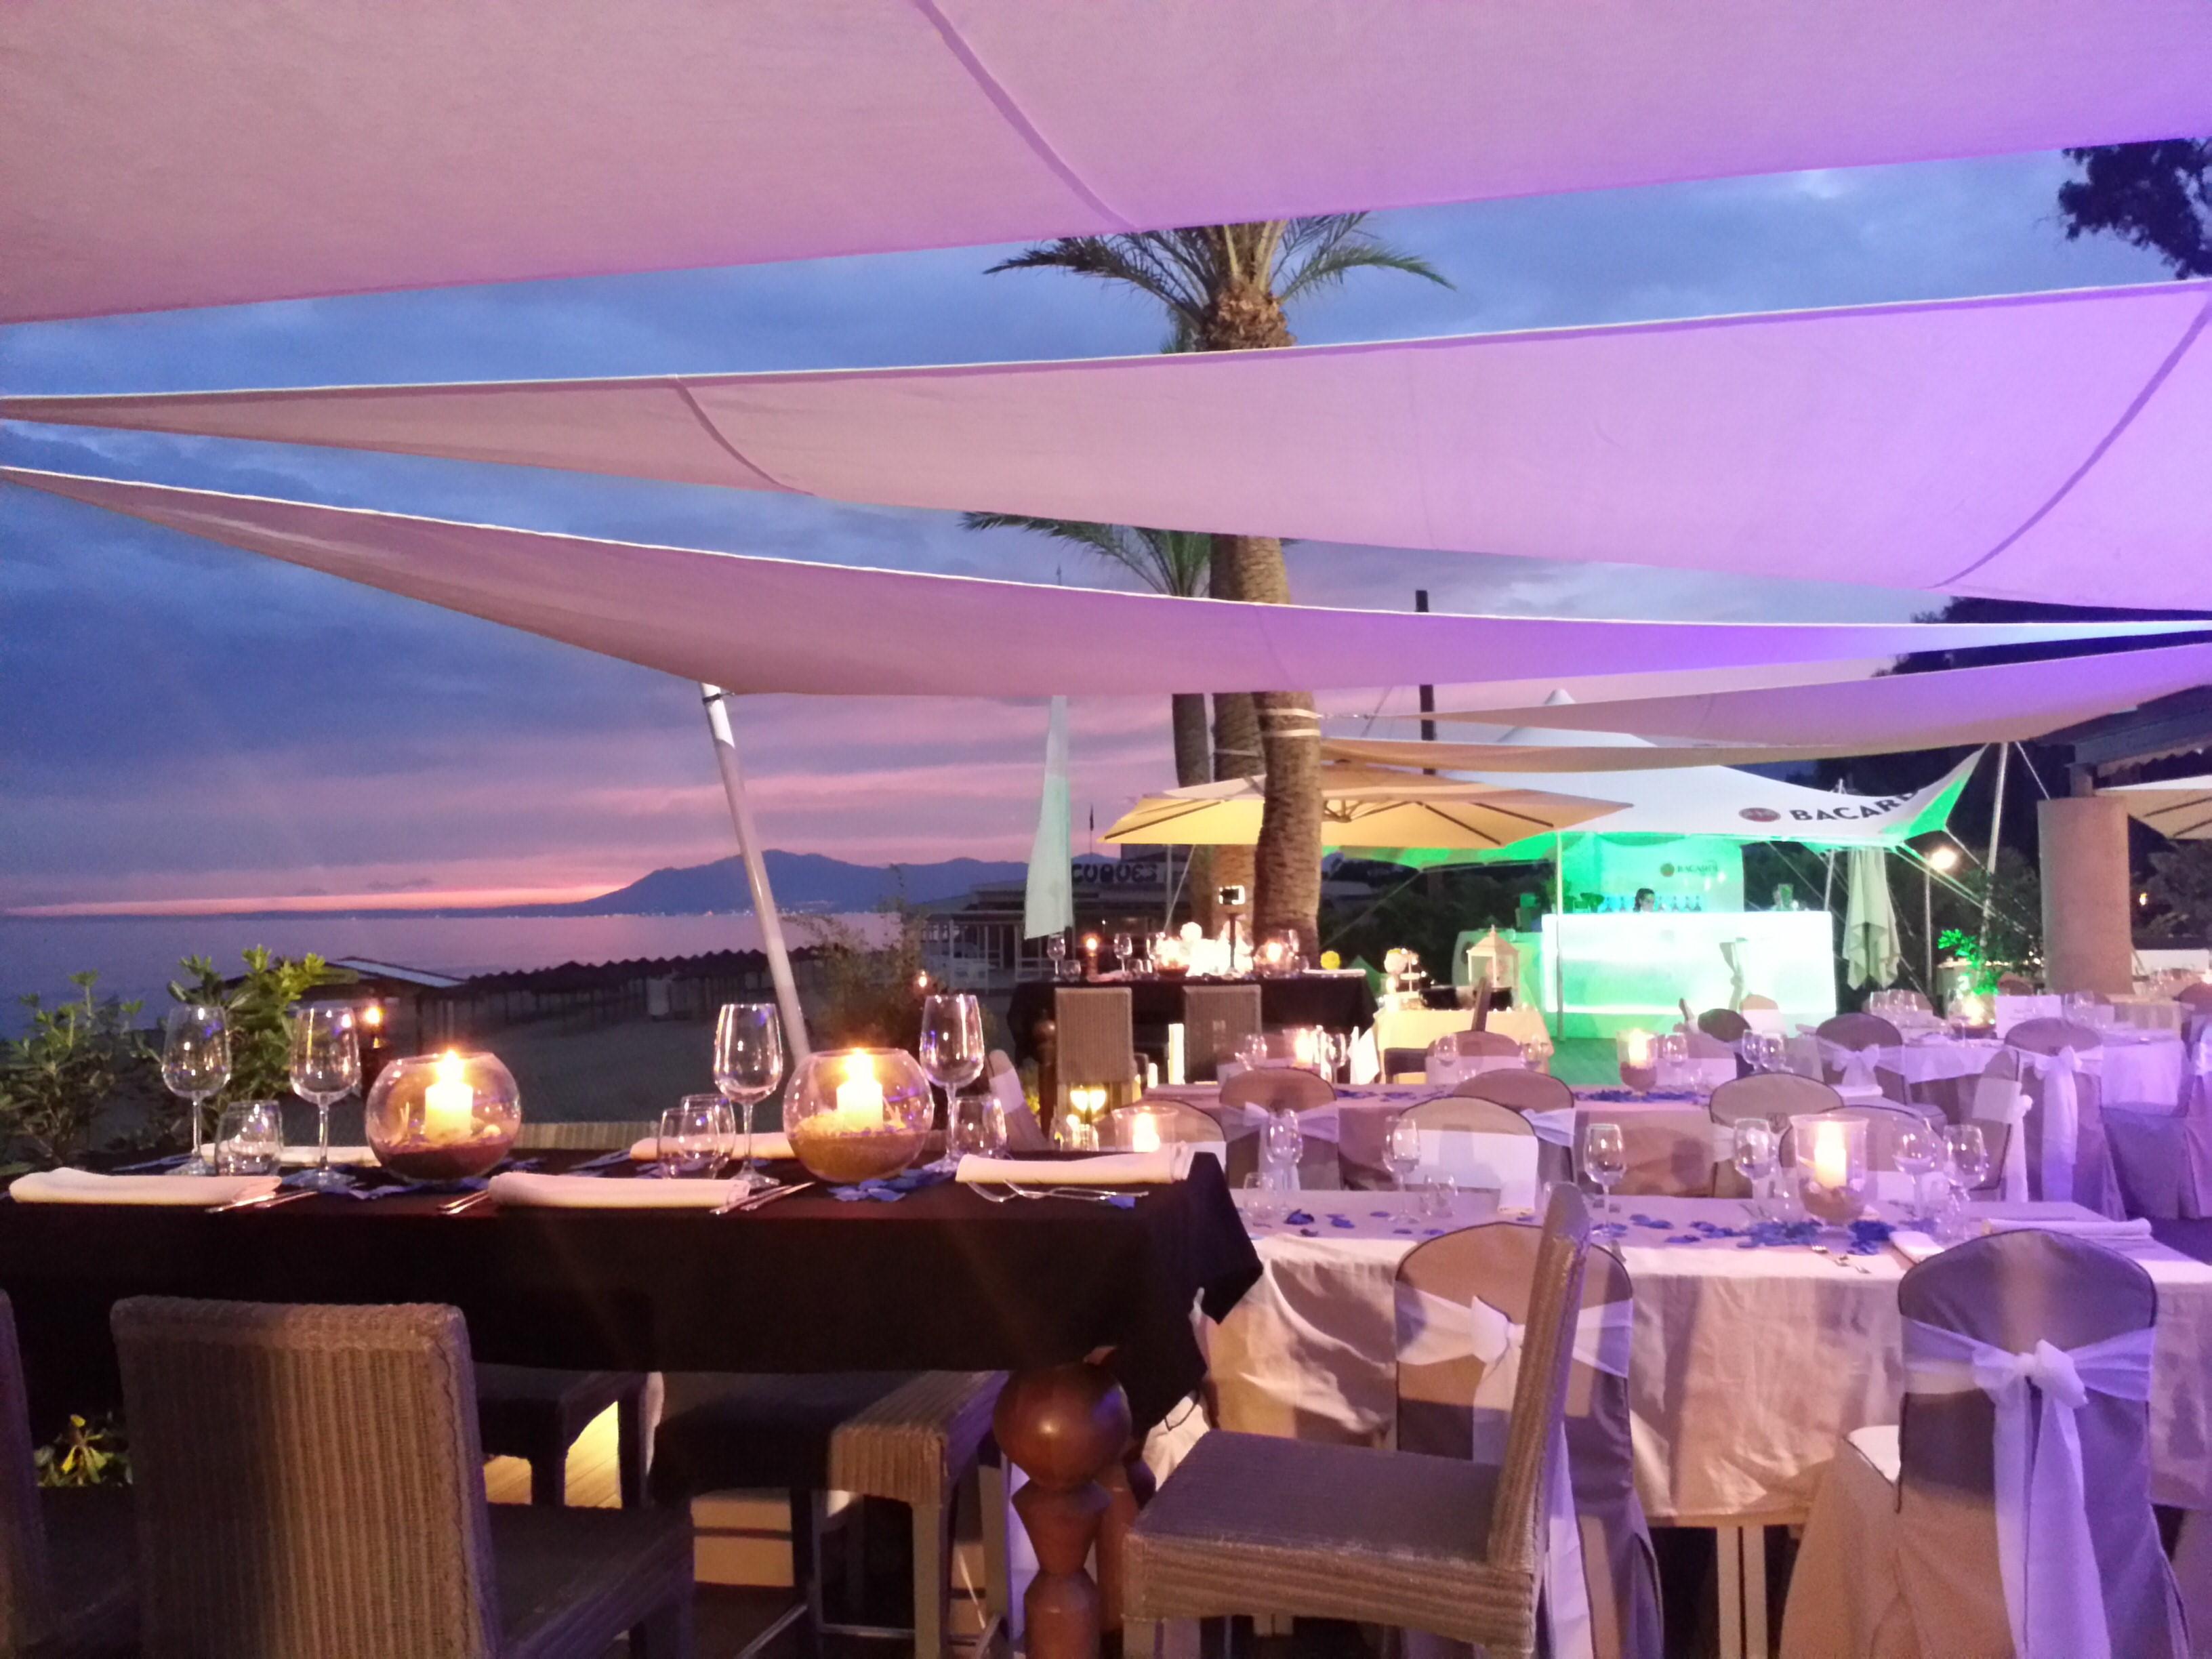 Celebra tu boda frente al mar en beach club estrella del mar viaja vive vincci - Estrella del mar beach club ...